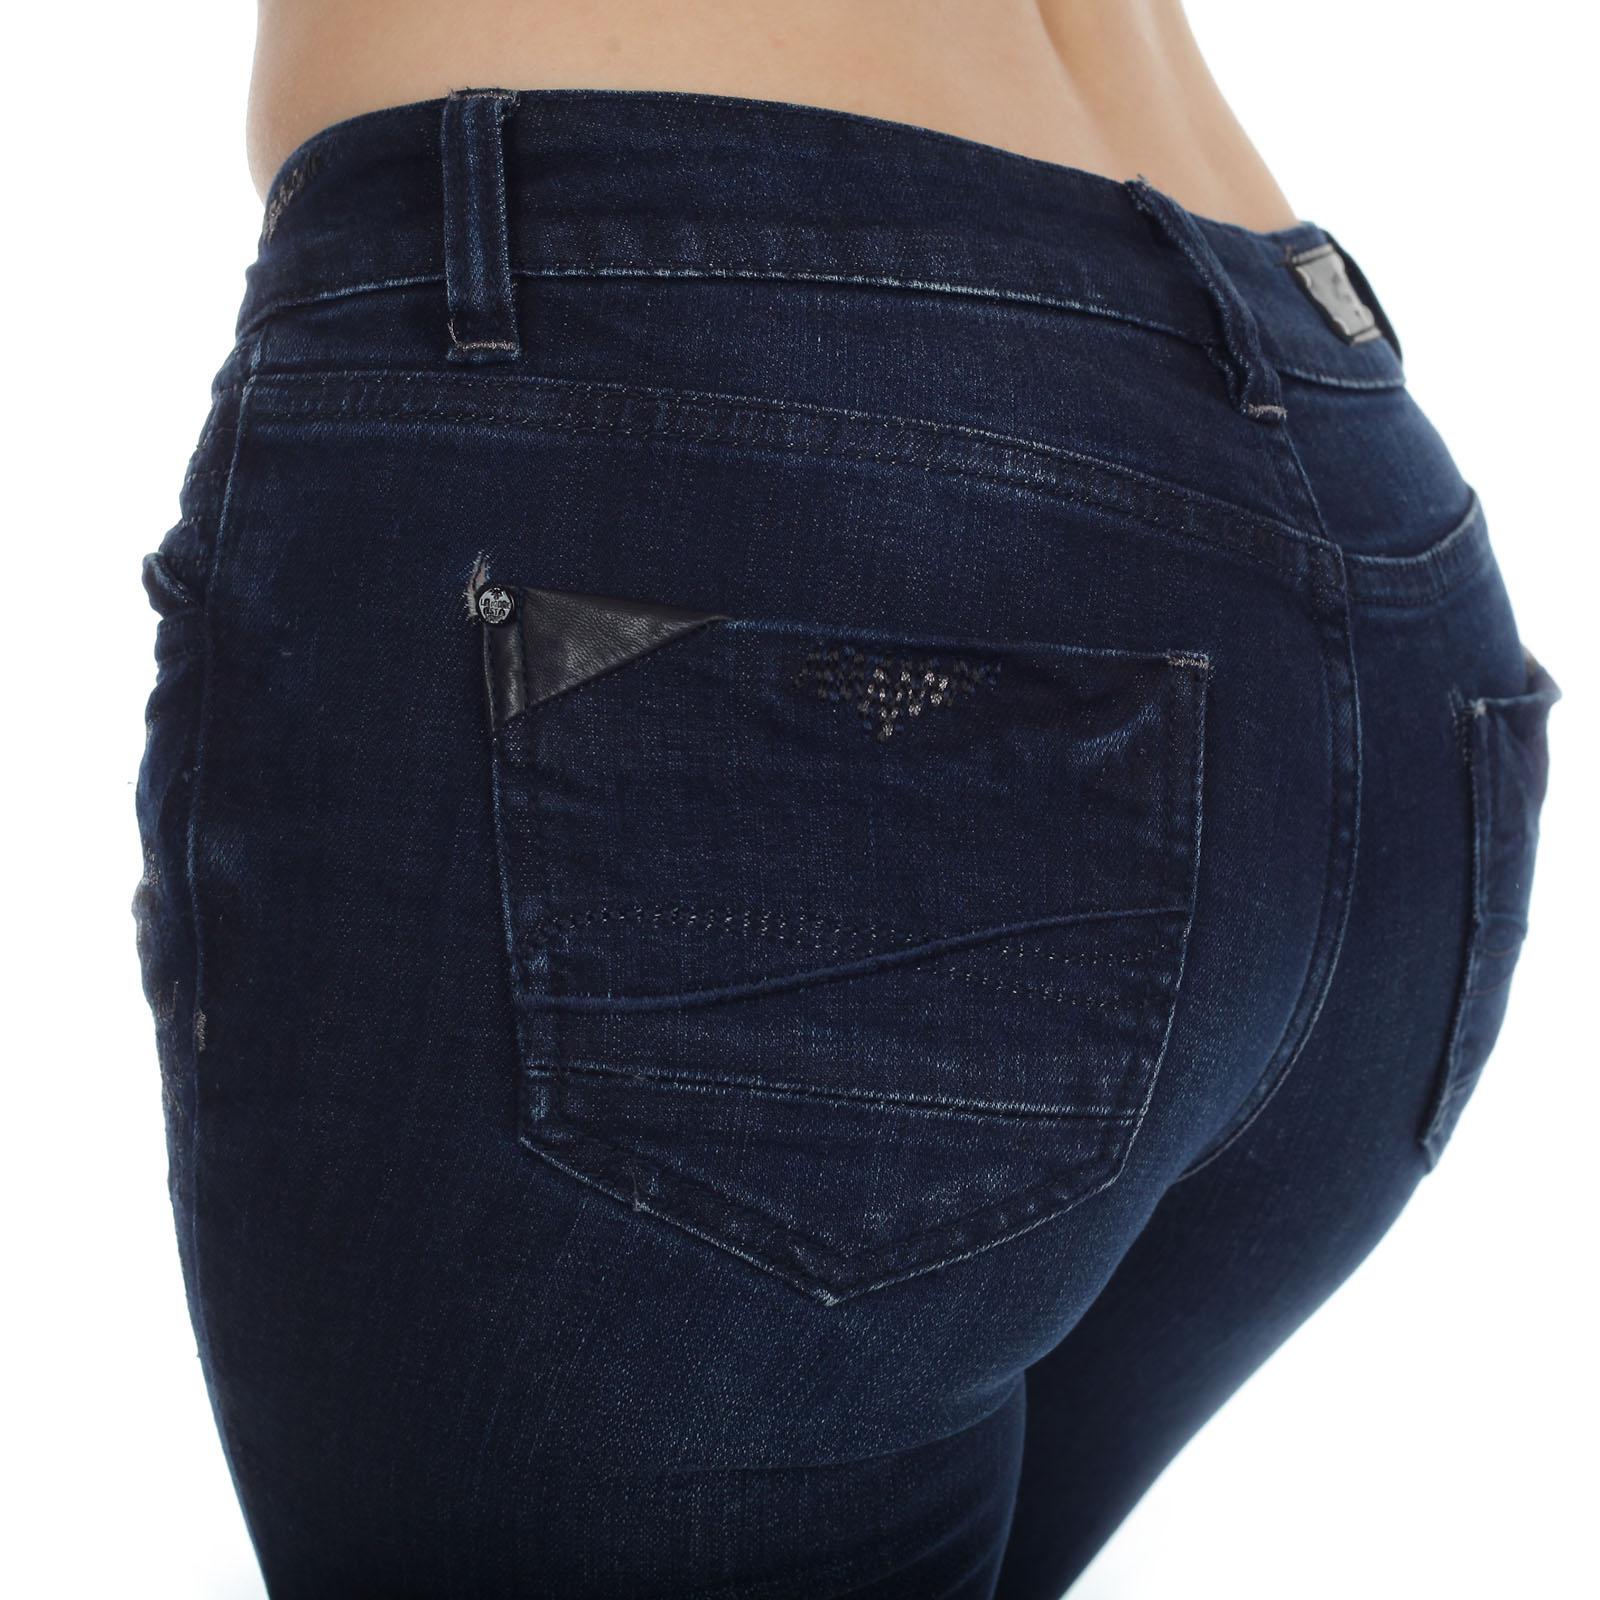 Модные женские джинсы L.M.V. с вышивкой и аппликациями на карманах.